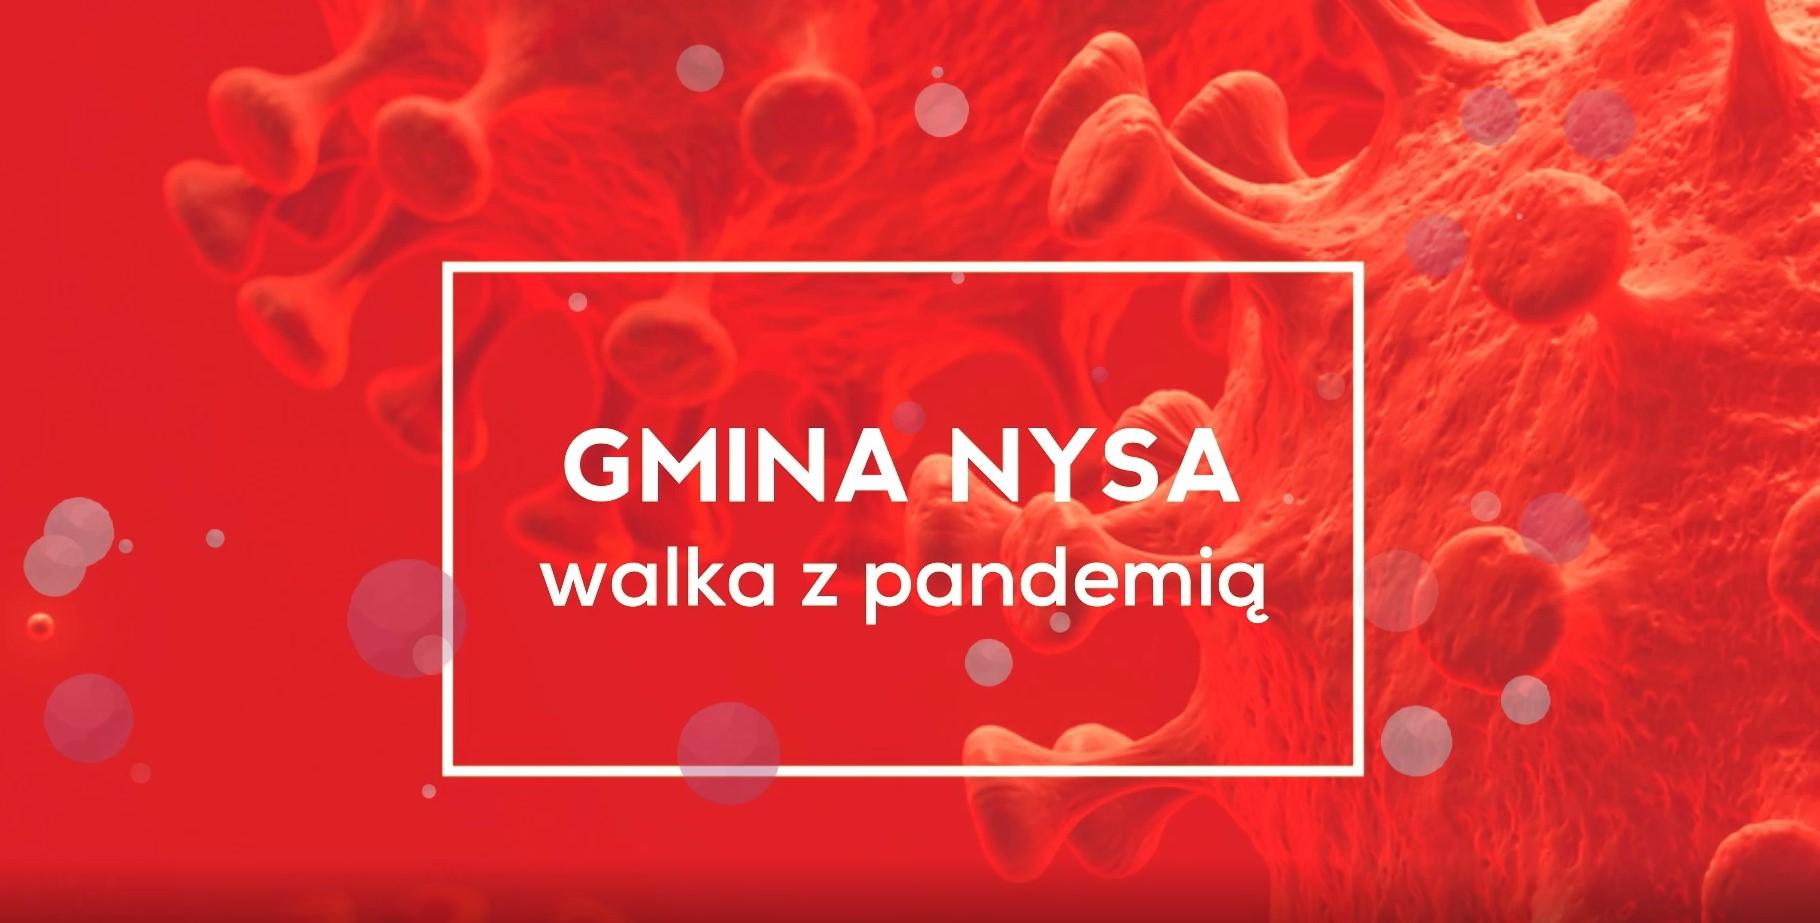 Solidarni w walce z pandemią